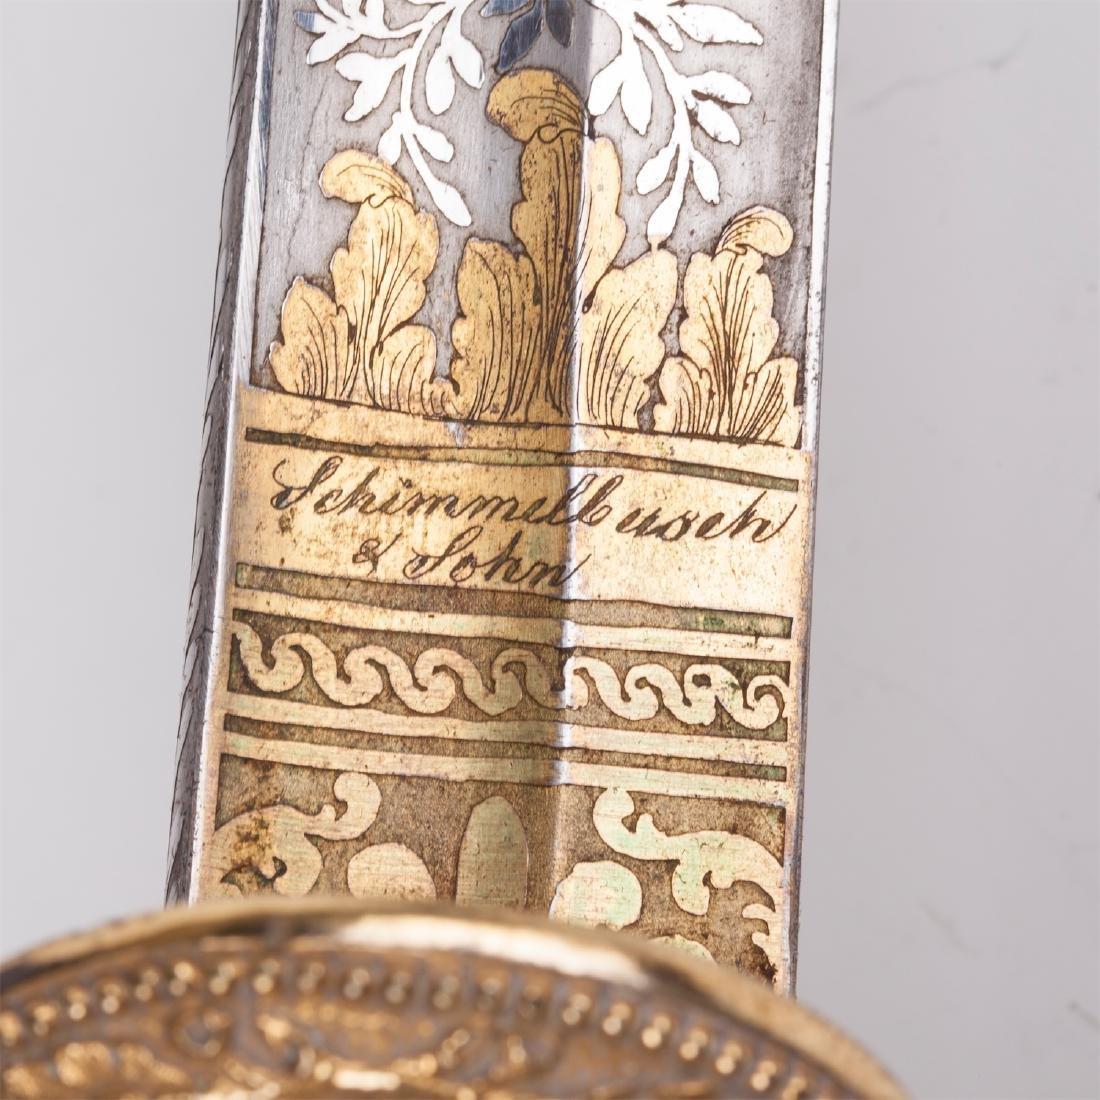 Hunting dagger with Grand Duke of Baden monogram - 8